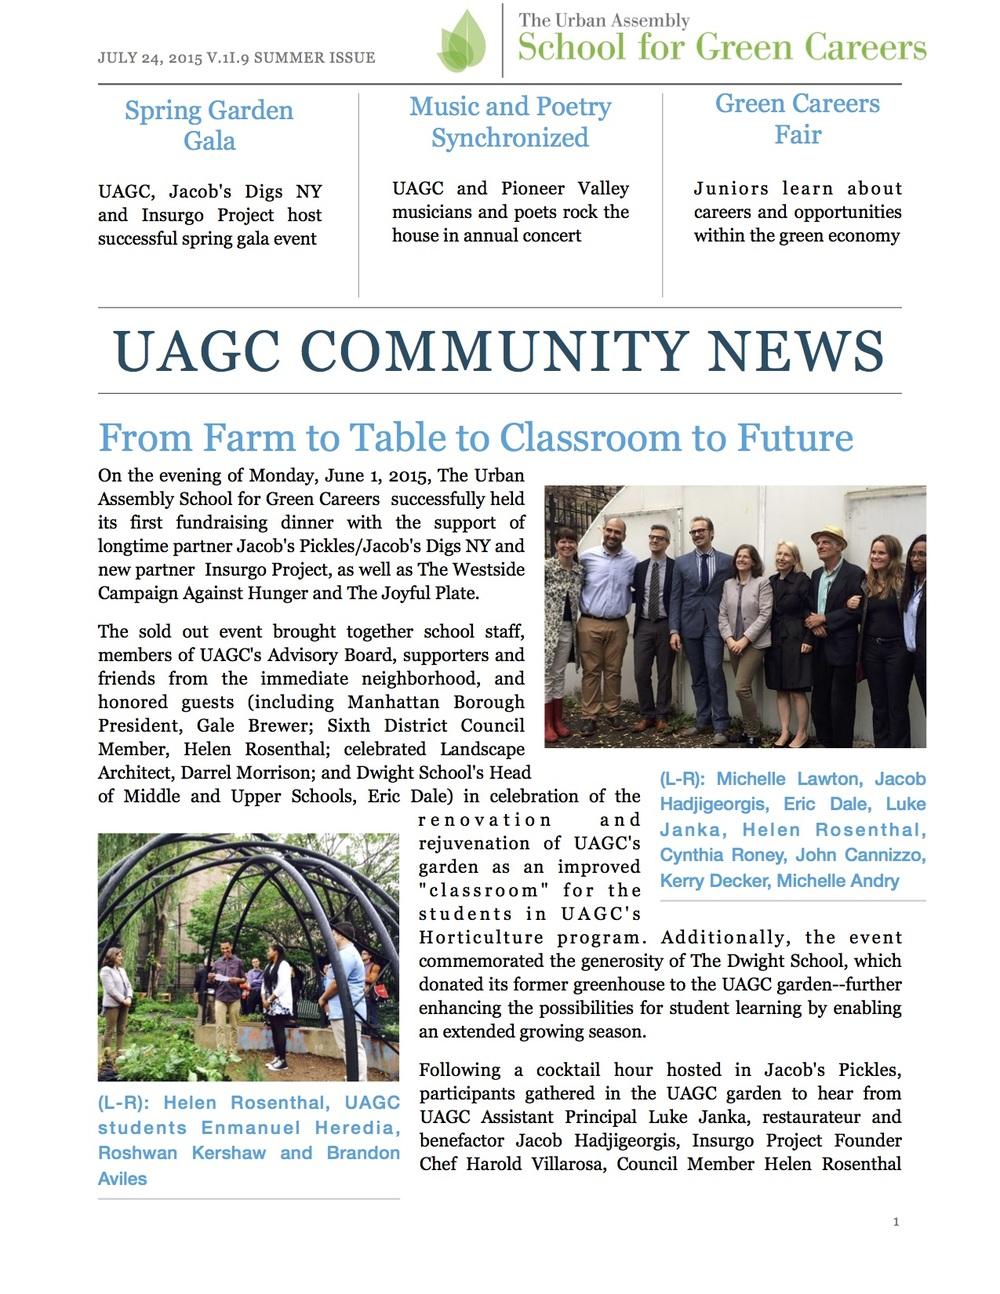 UAGC Community News v1i9.jpg